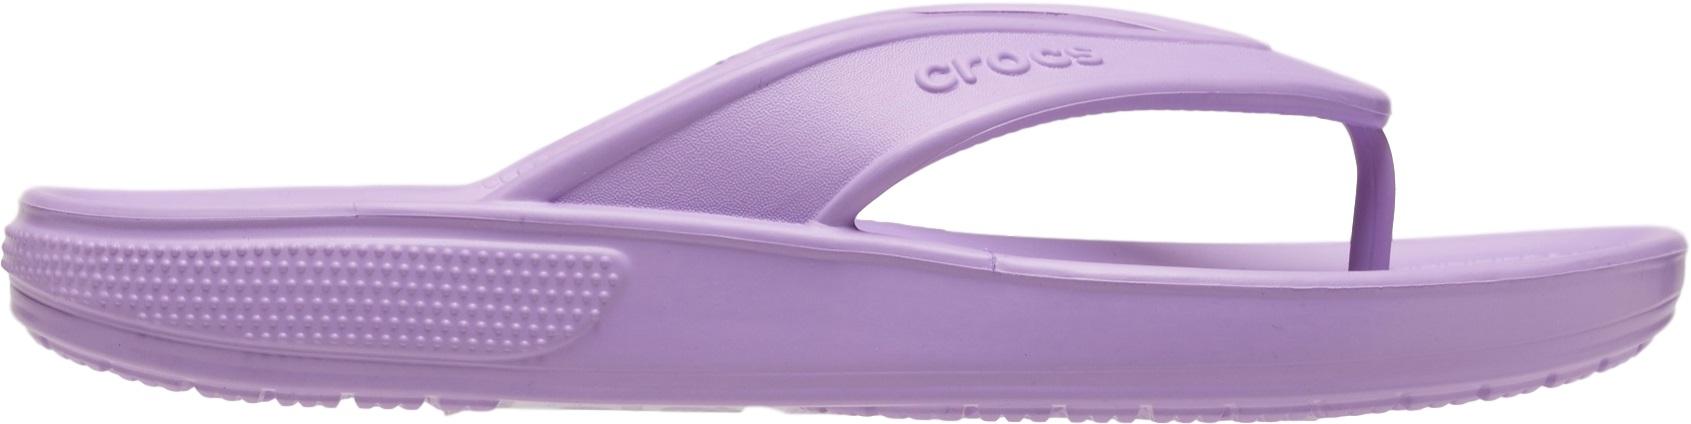 Crocs™ Classic II Flip Orchid 37,5